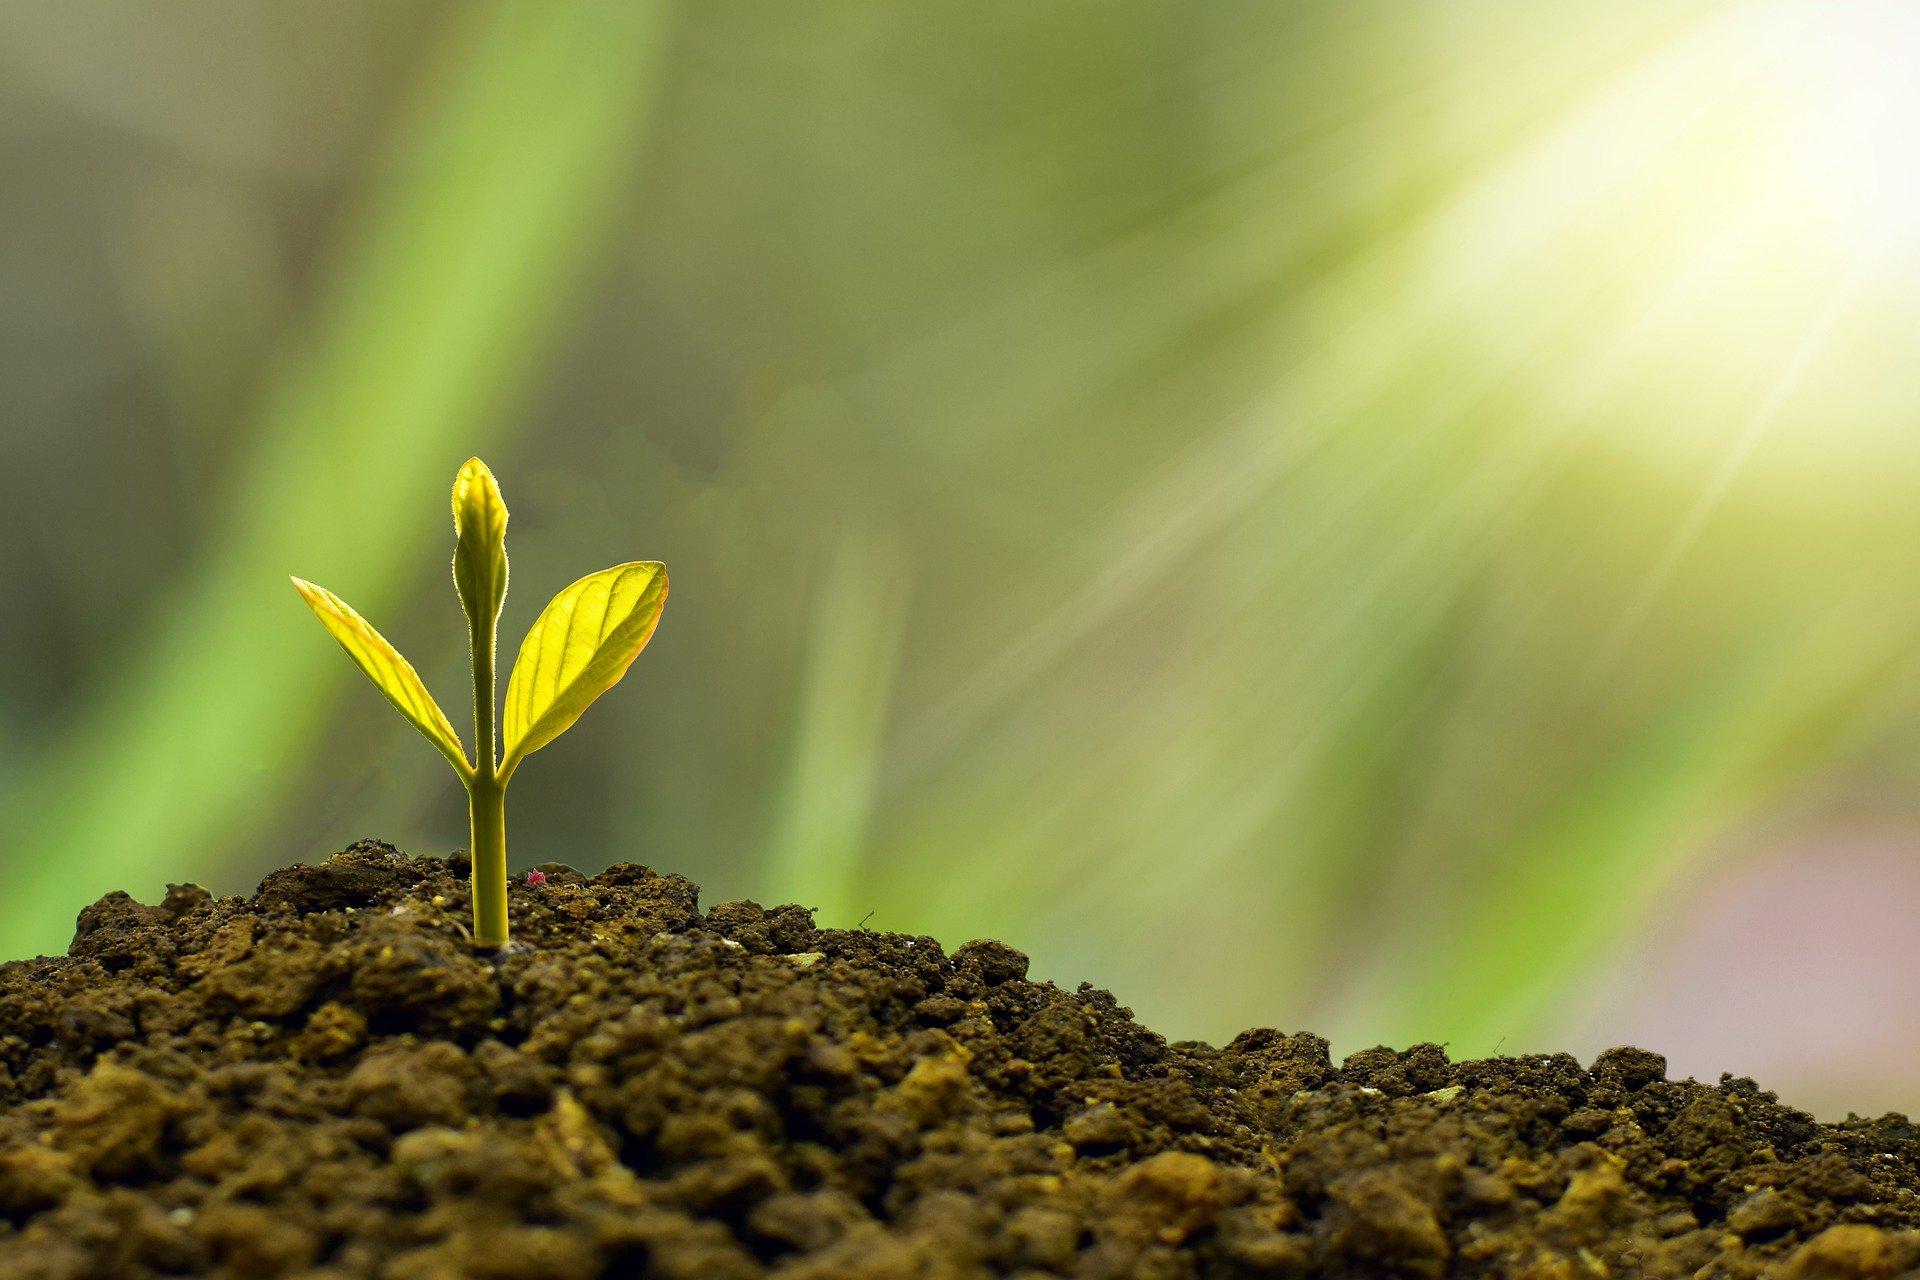 Bioeconomia, economia circolare, green deal